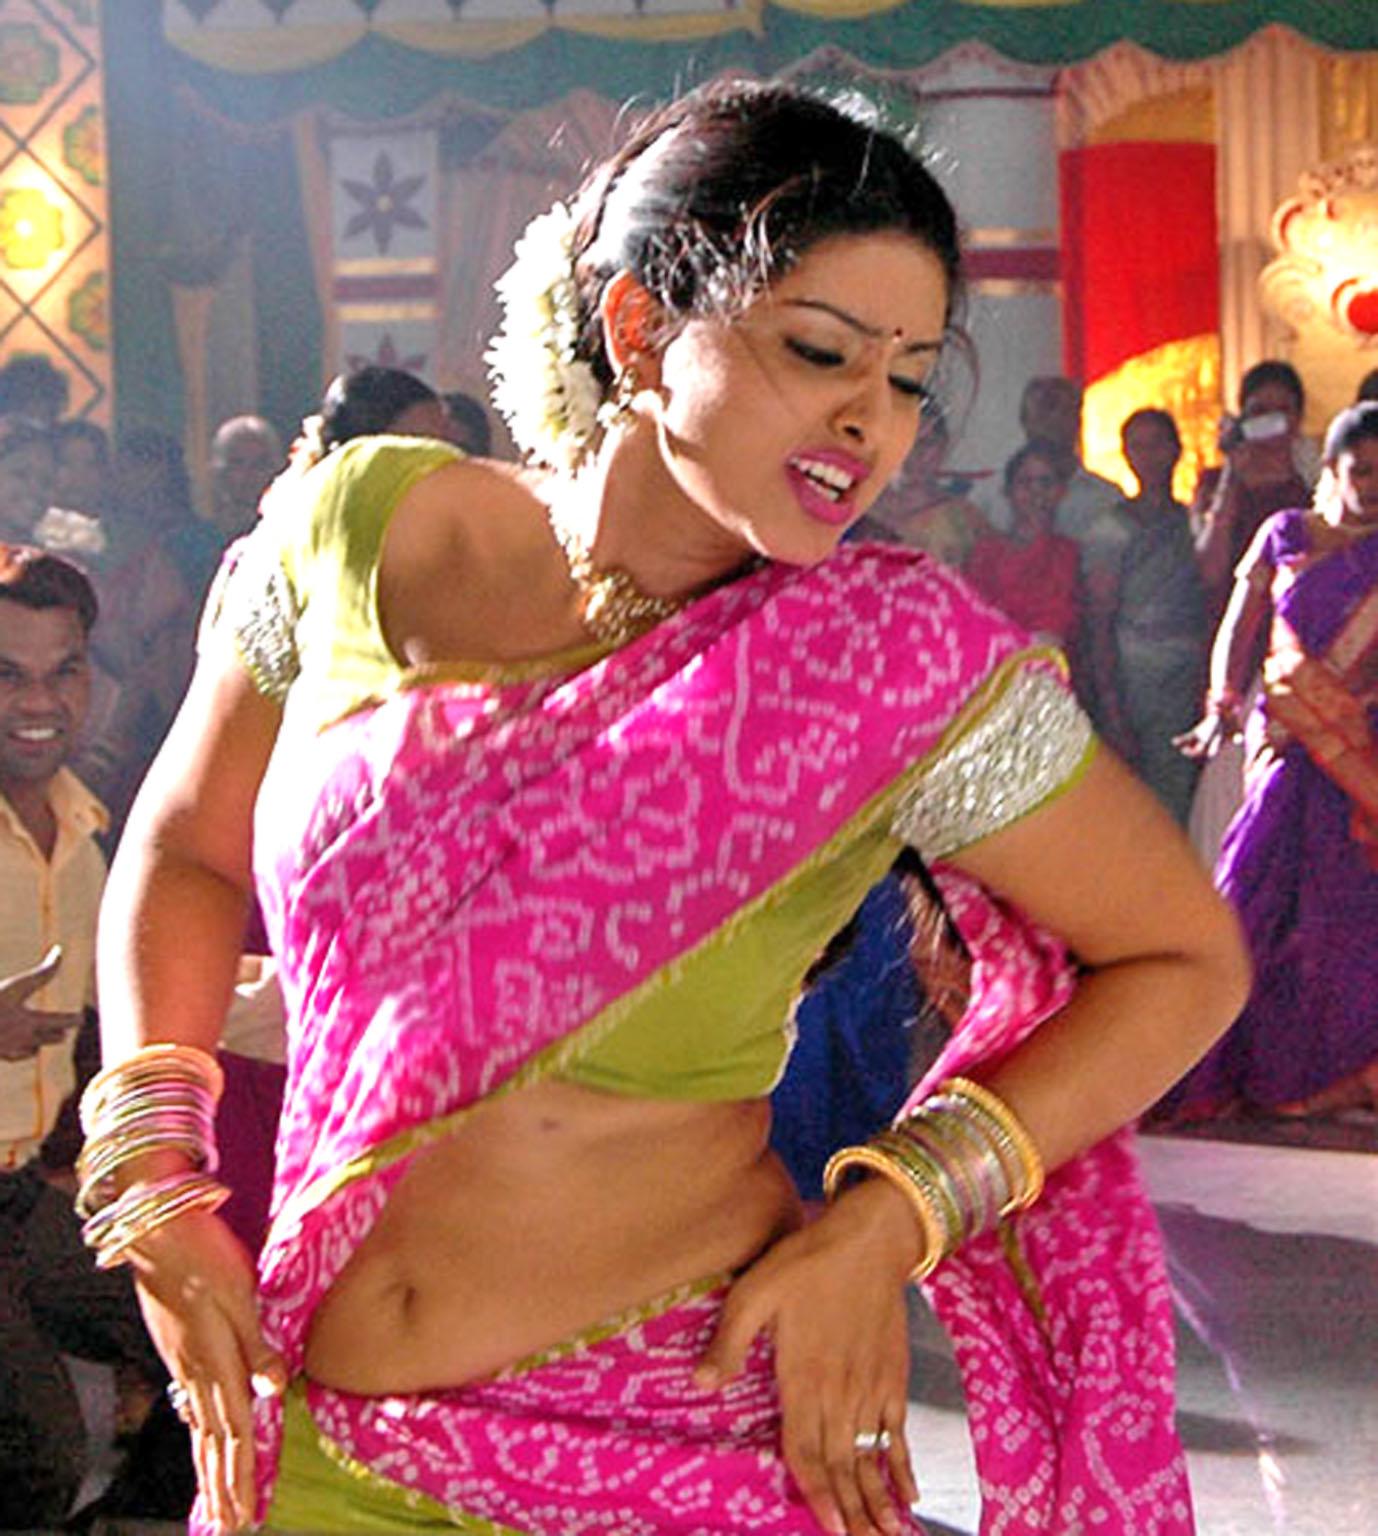 Sneha Roped In For 'Kochadaiyaan'?